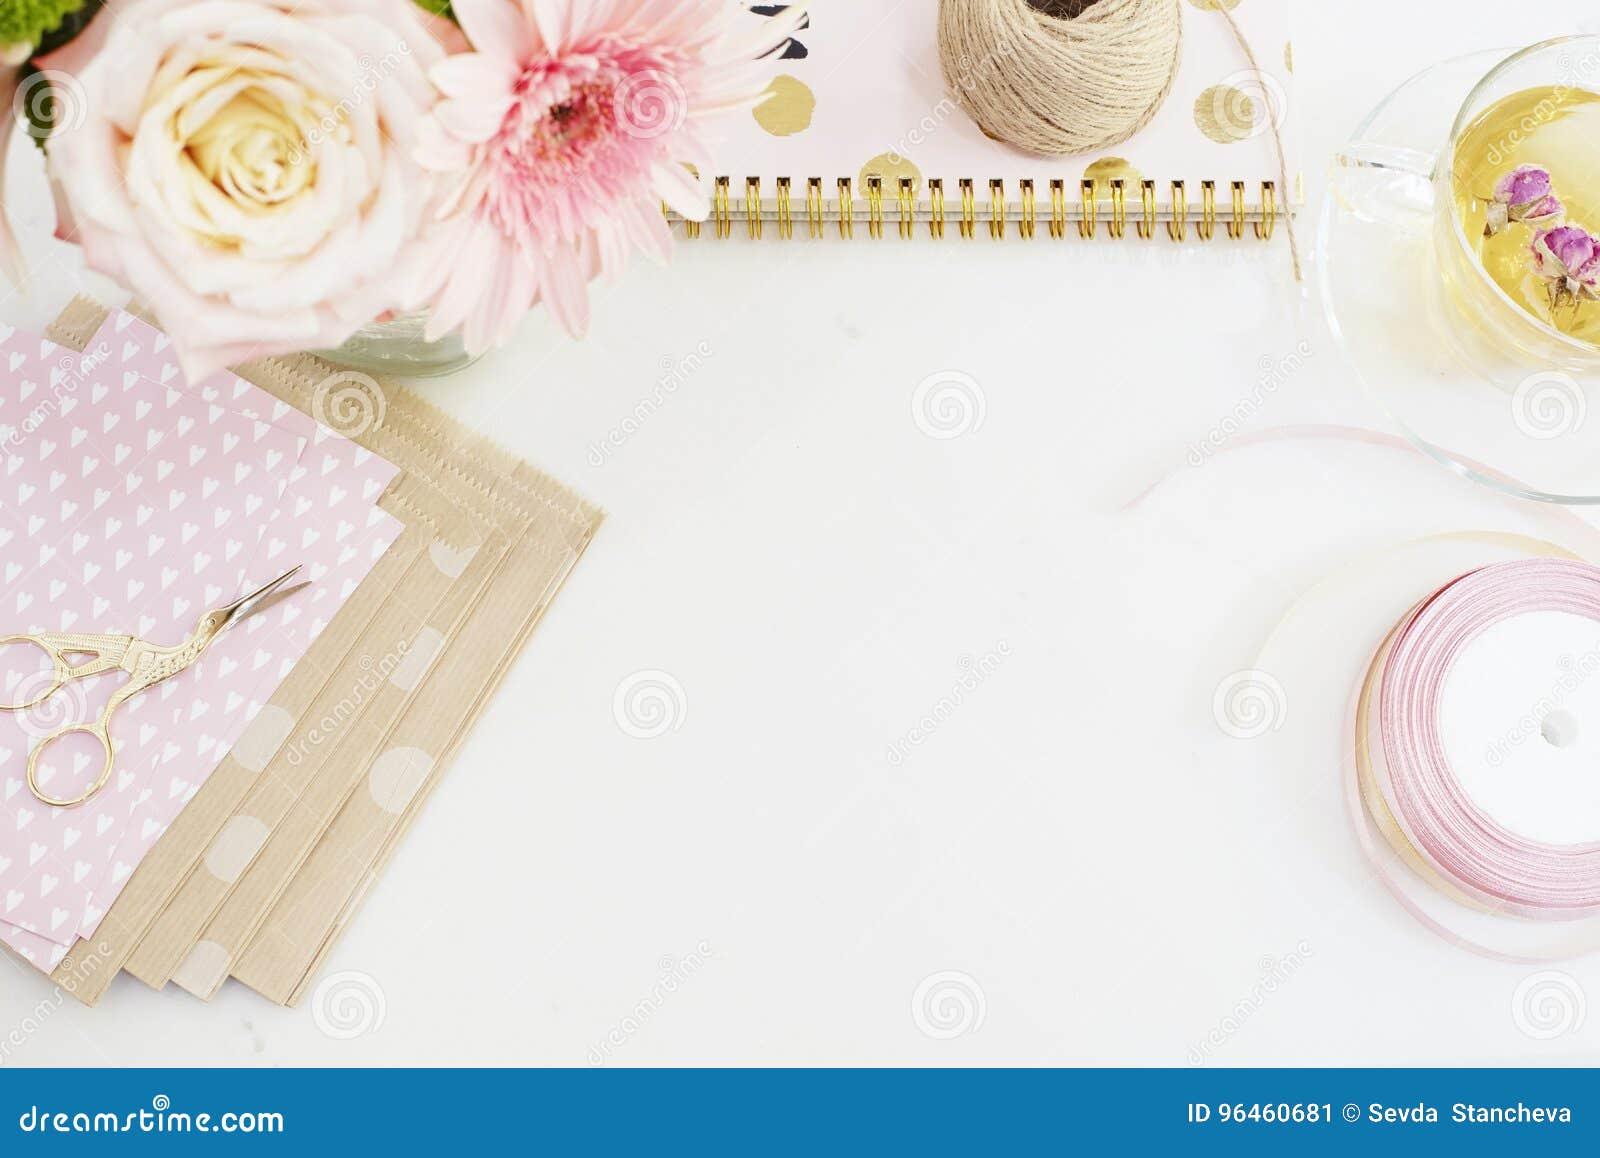 Feito a mão, conceito do ofício Bens feitos a mão para empacotar - retorça, fitas Conceito feminino do local de trabalho Feminili